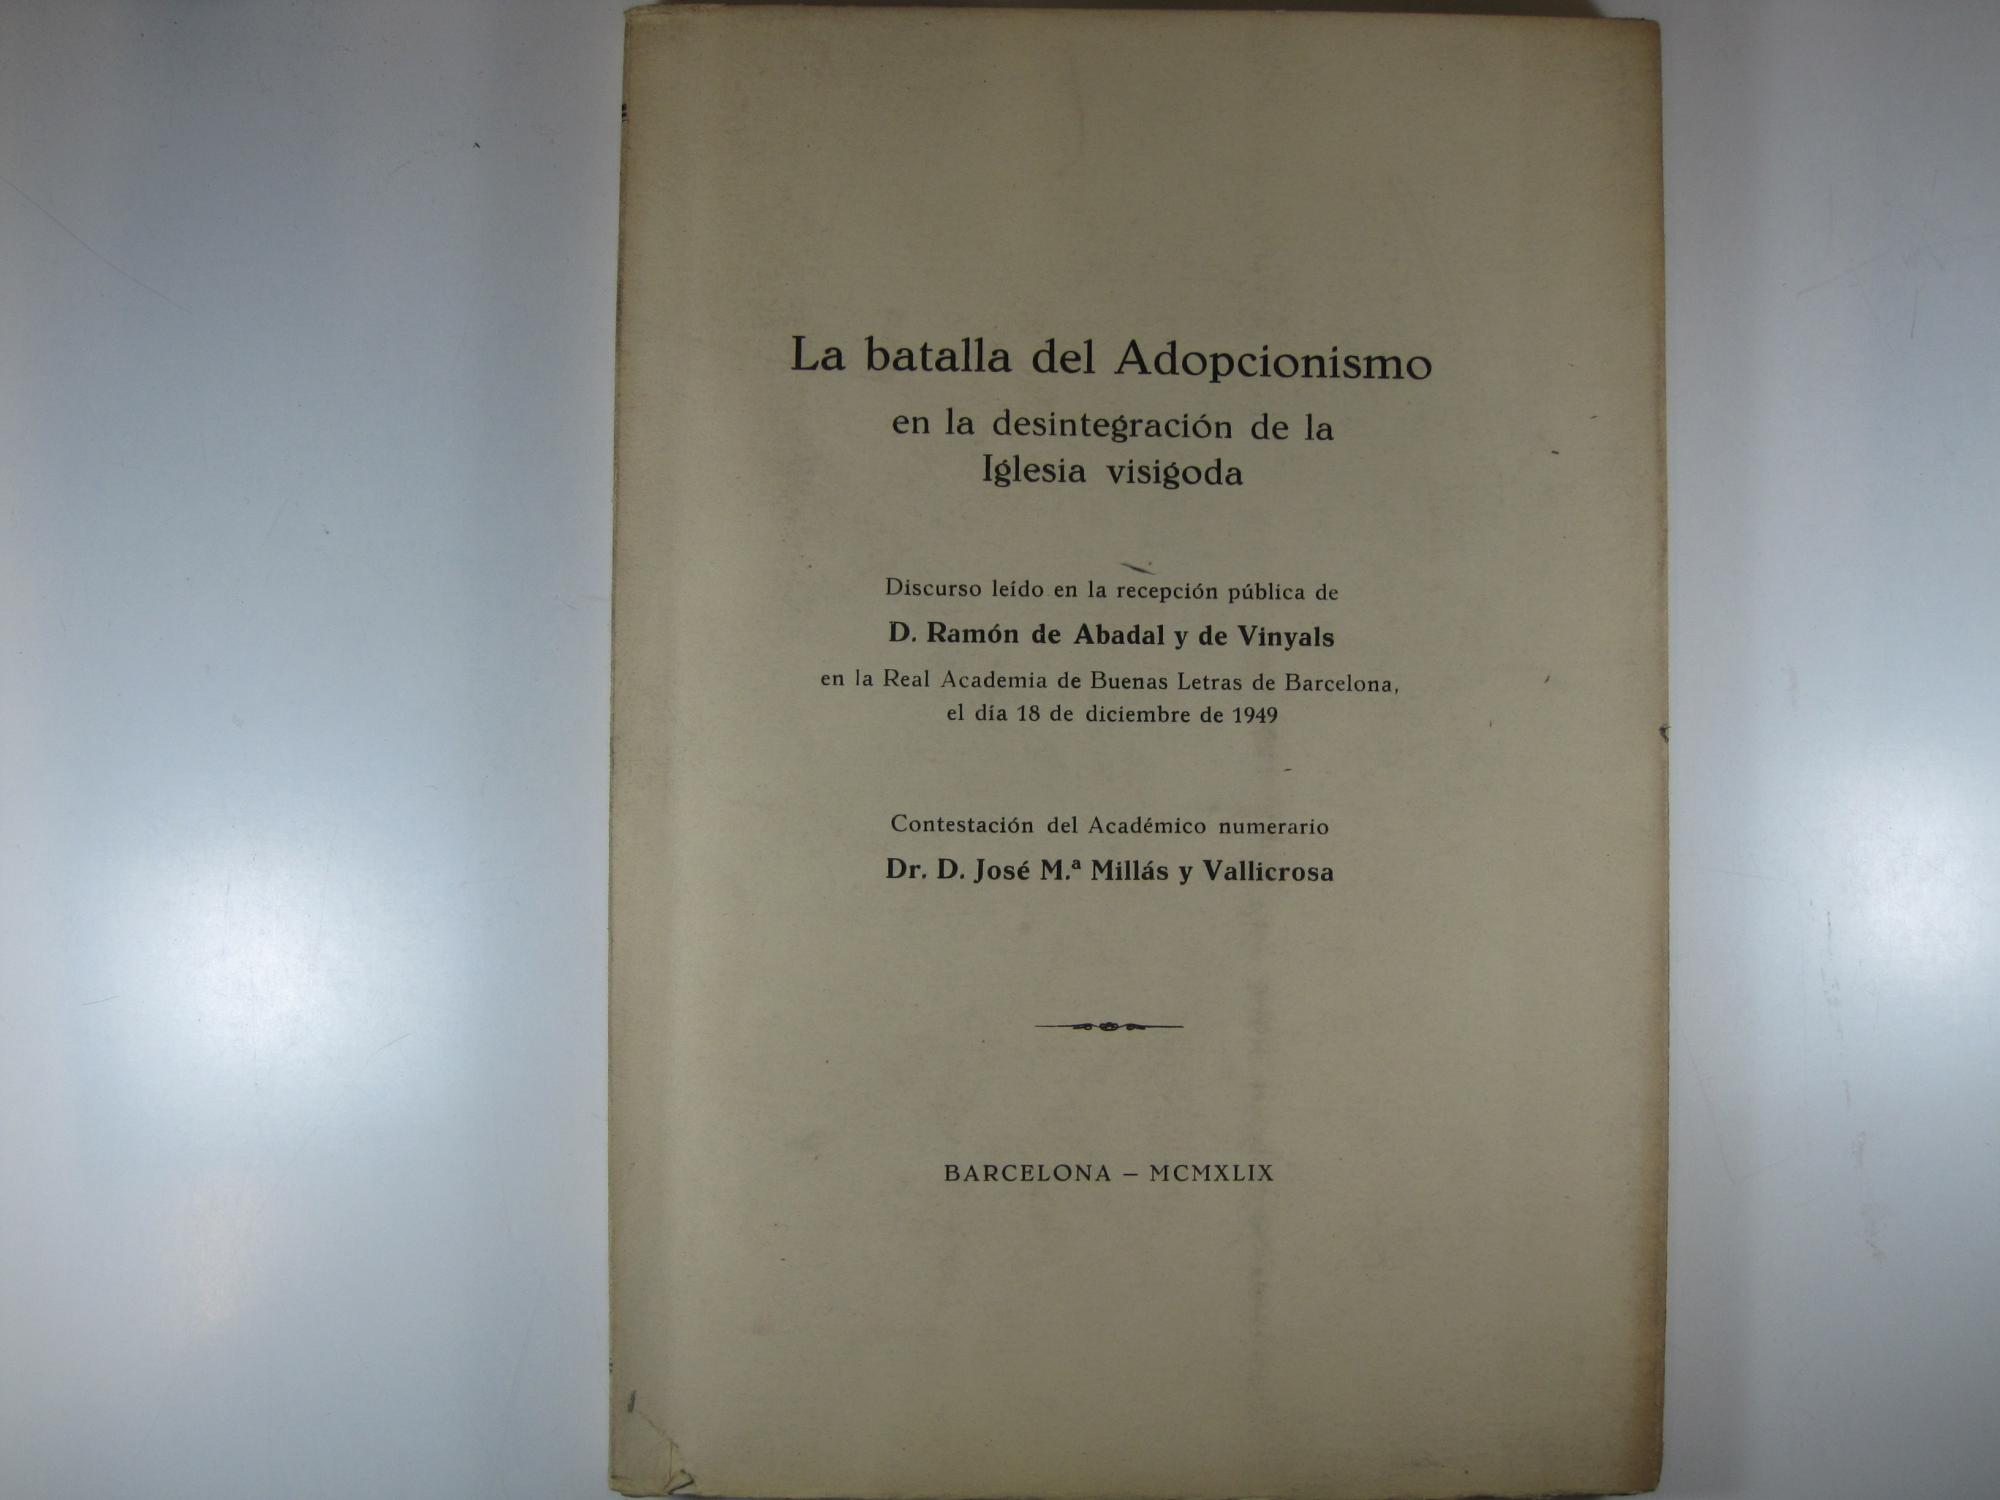 Resultado de imagen de la batalla del adopcionismo 1949